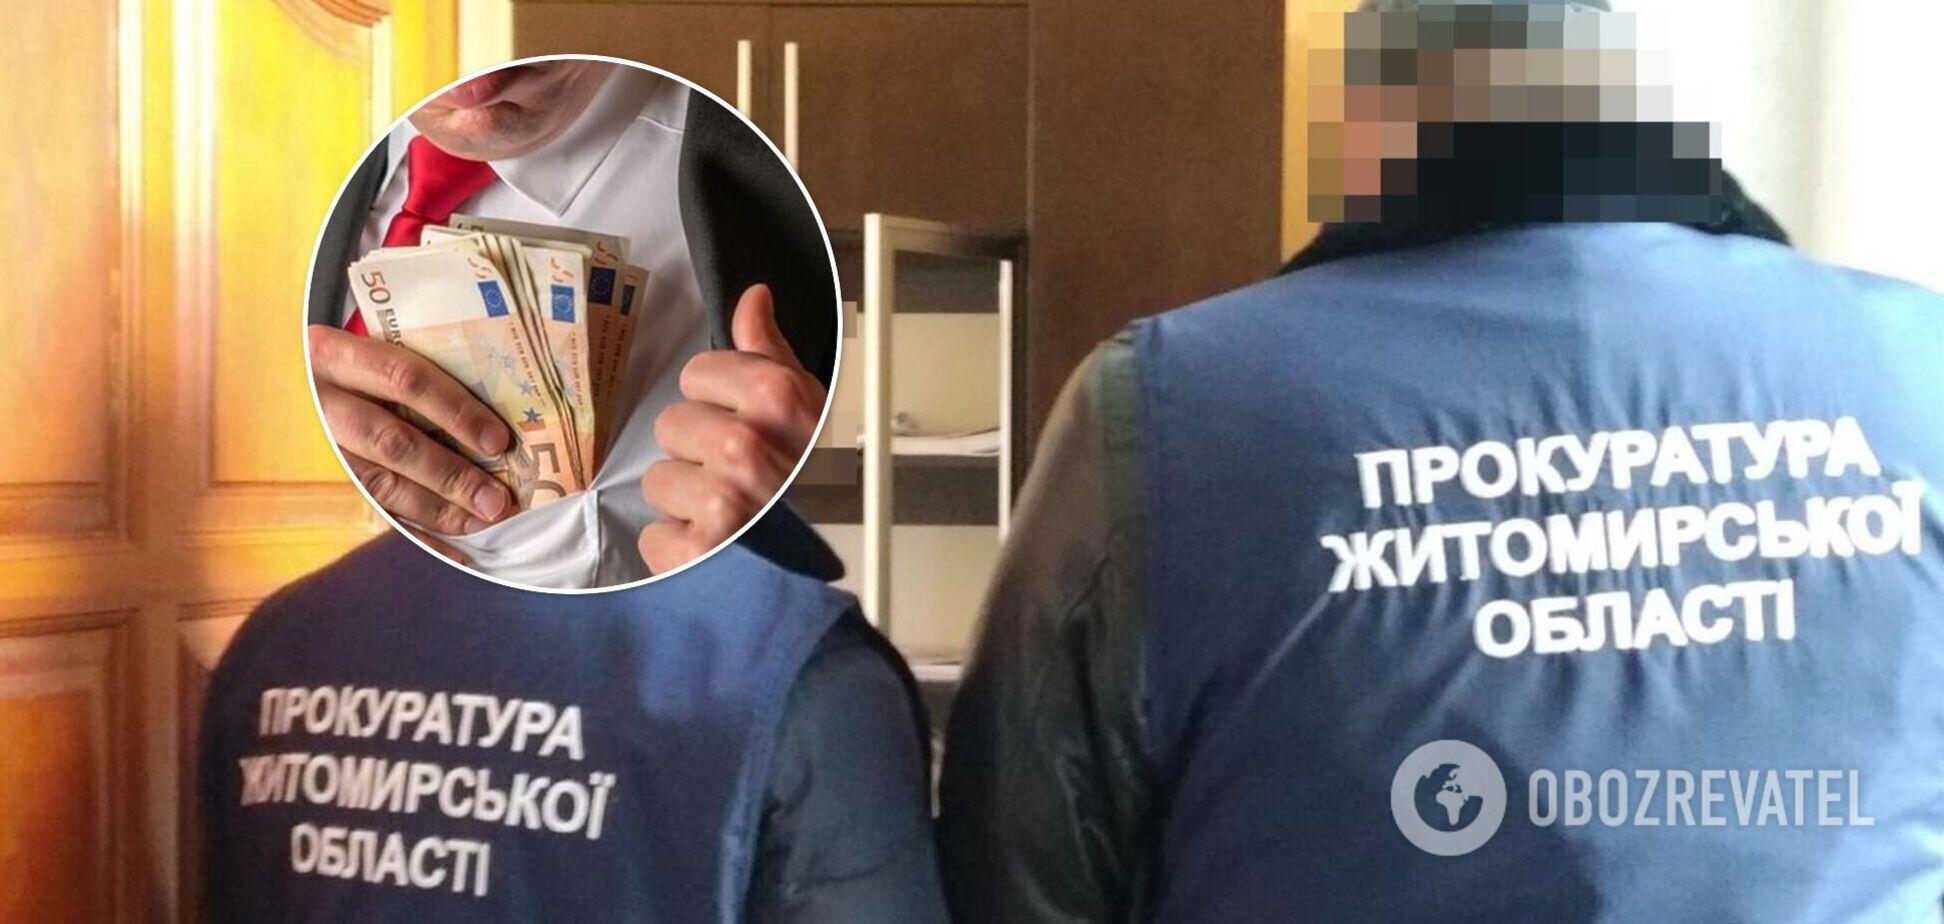 В Житомирской области пресечена деятельность преступной группы с коррупционными связями